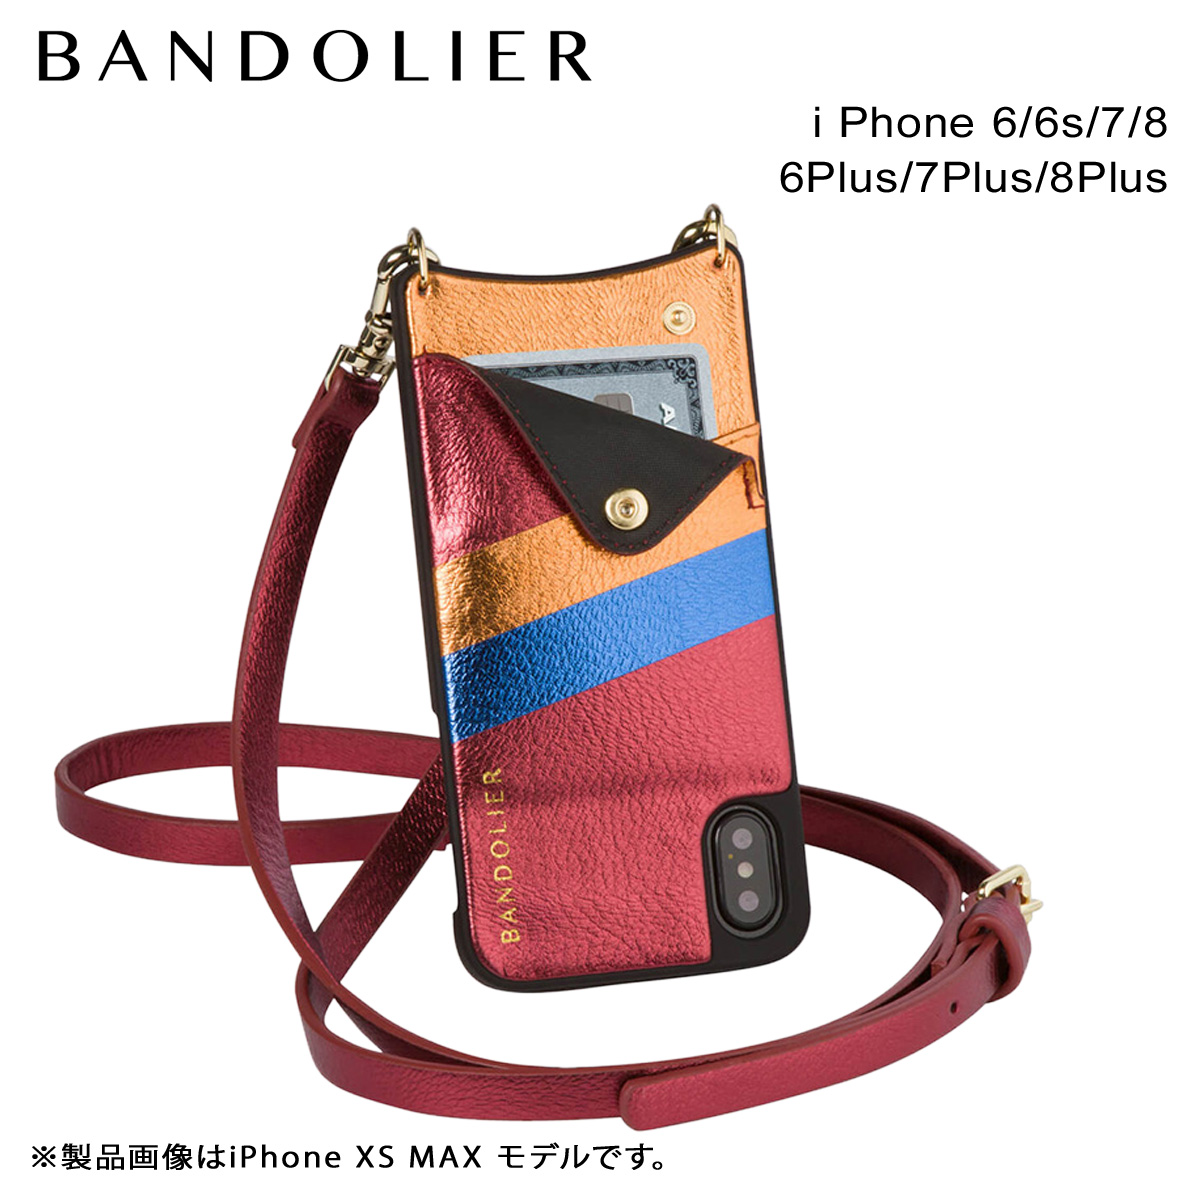 BANDOLIER EMMA RED RAINBOW バンドリヤー iPhone8 iPhone7 7Plus 6s ケース スマホ アイフォン プラス メンズ レディース アッシュ